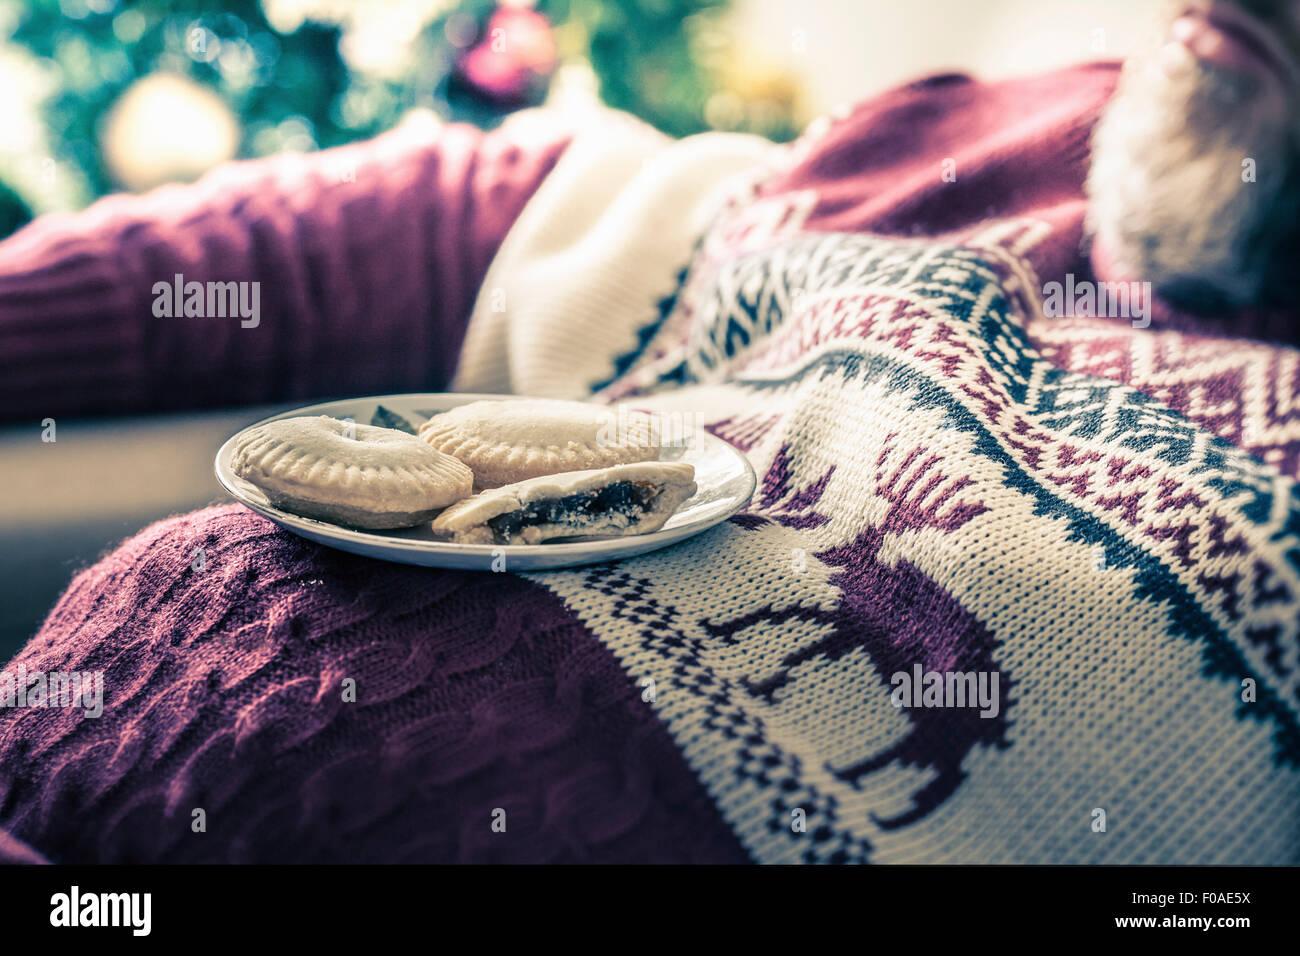 Uomo che indossa un maglione addormentato con pasticci di carne macinata sul petto Immagini Stock